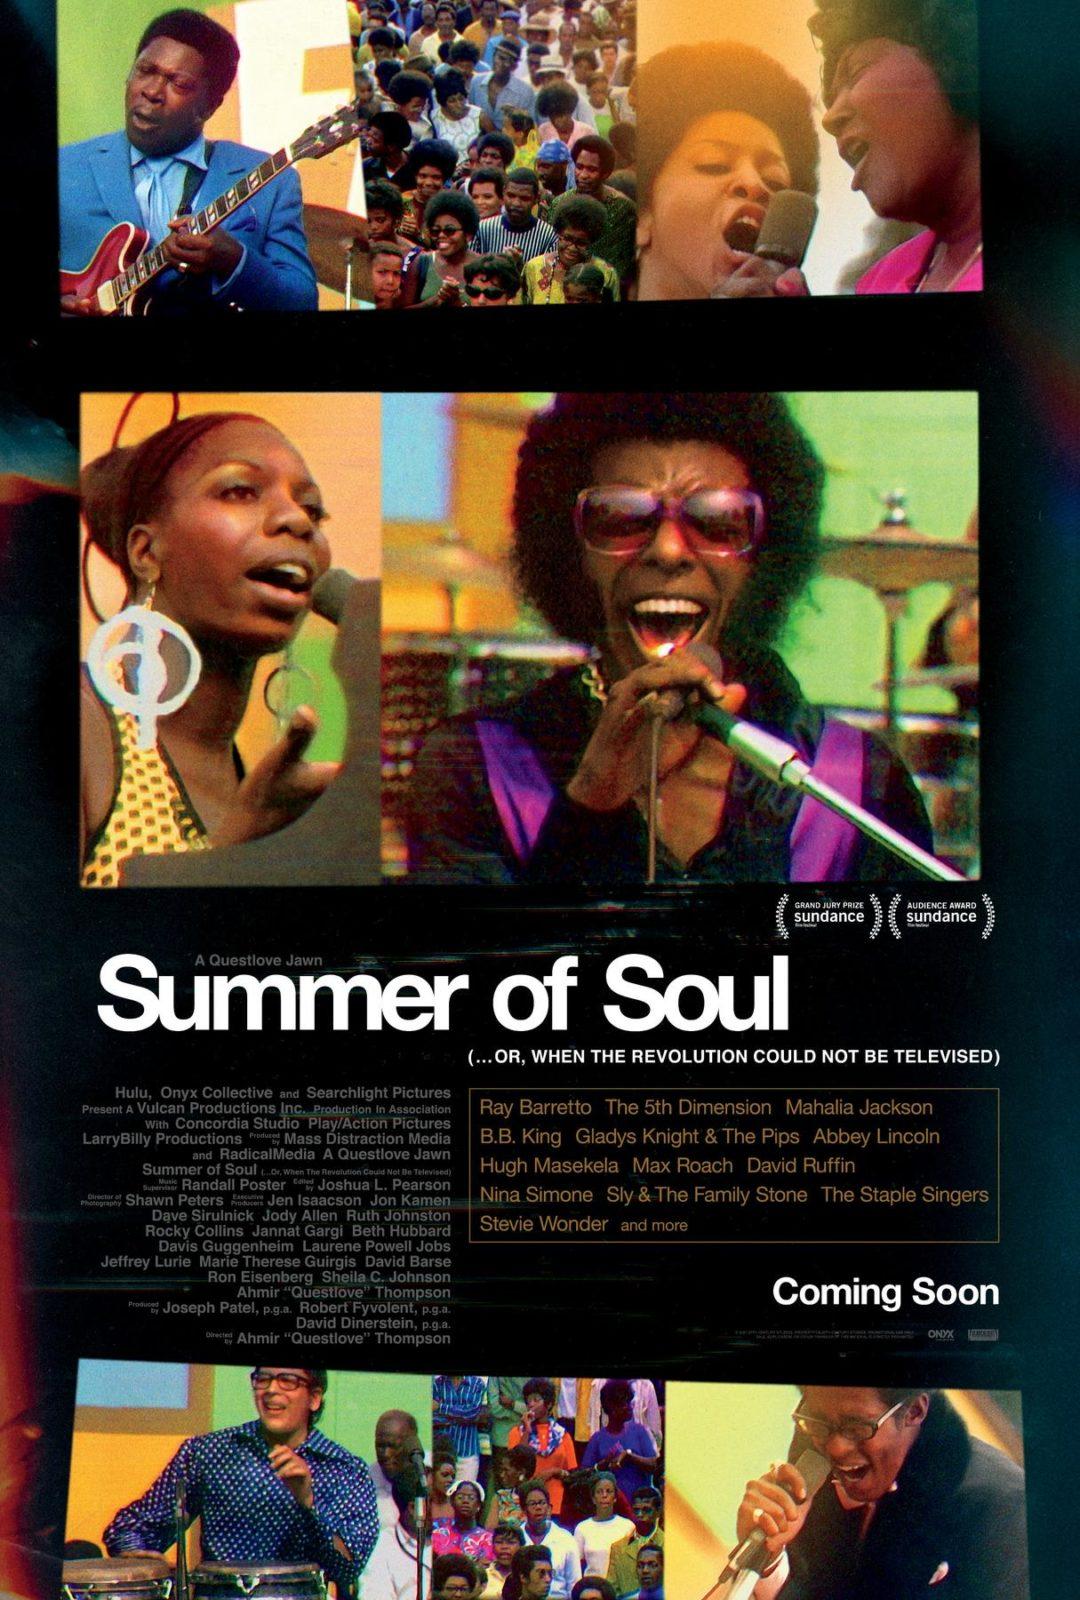 Summer-of-Soul_ps_1_jpg_sd-high.jpg